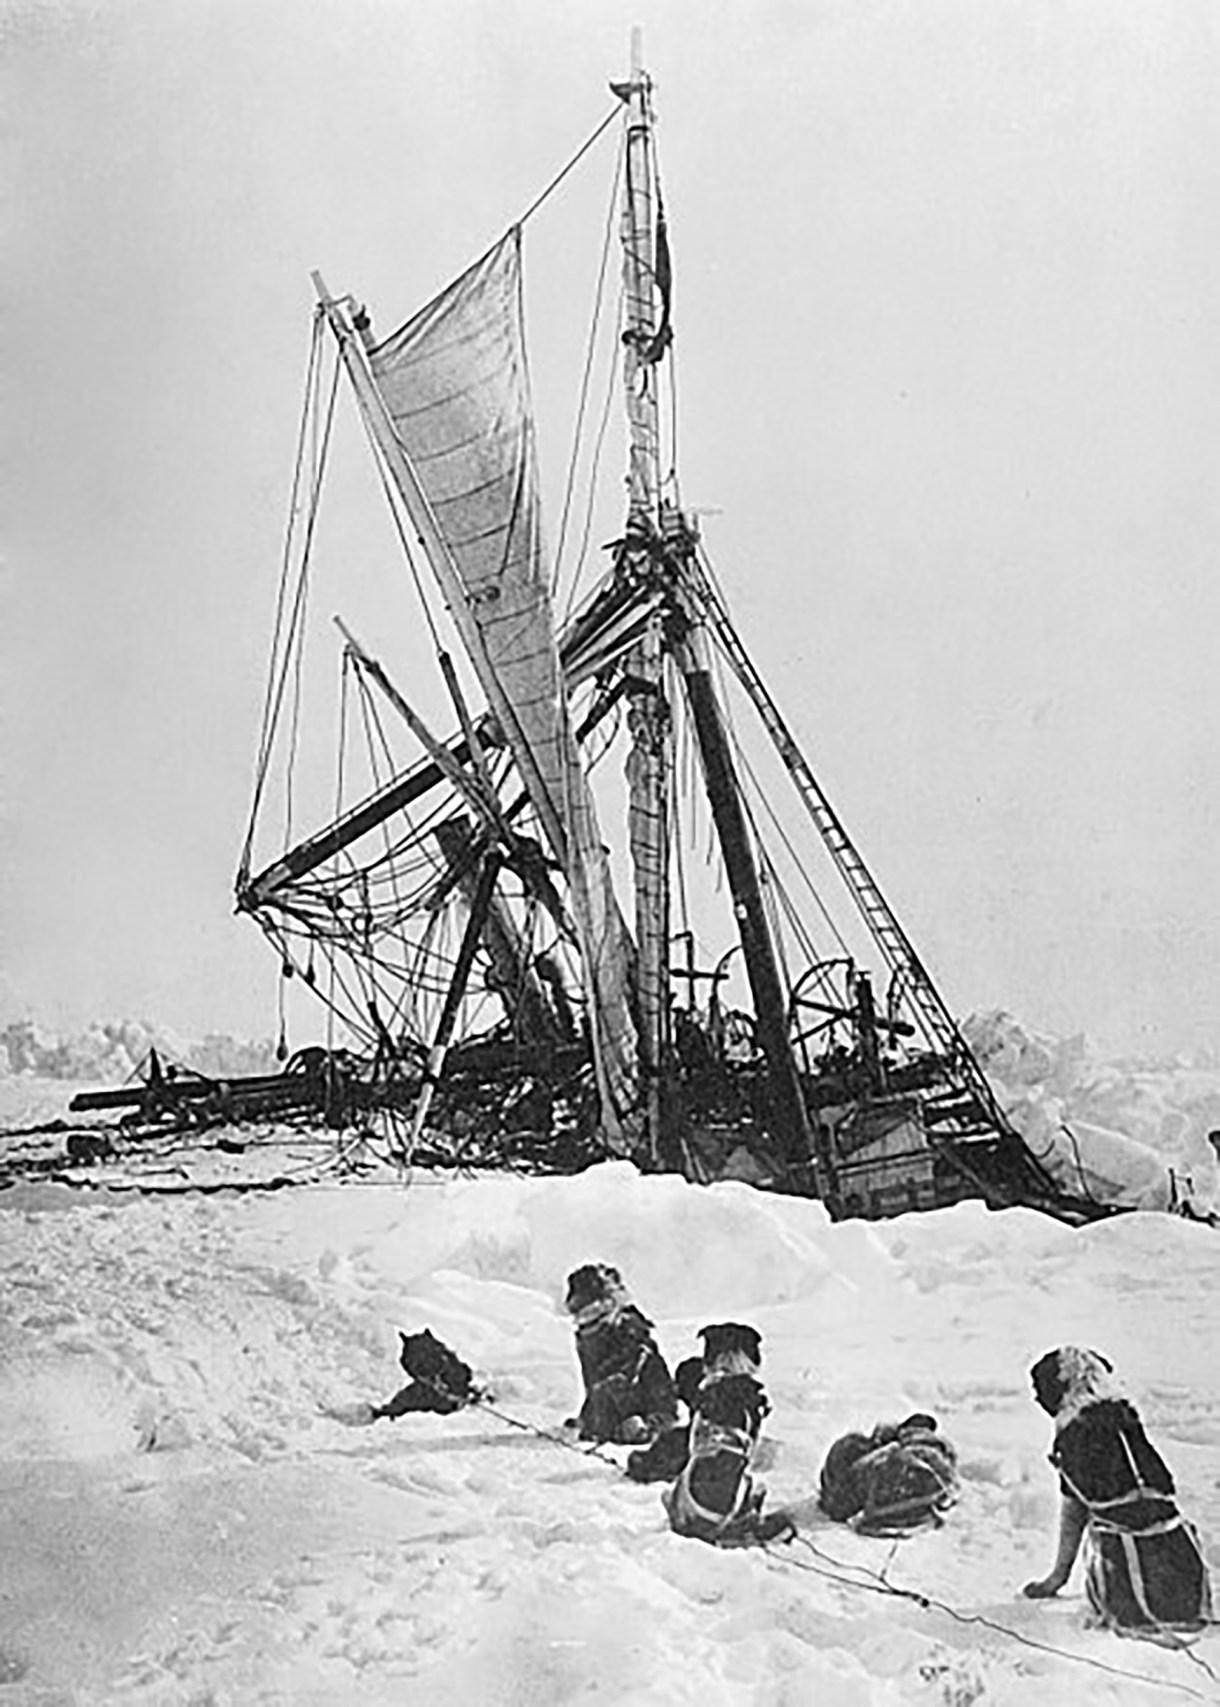 Los tripulantes del Endurance debieron irse en trineo luego de que el barco quedara atrapado